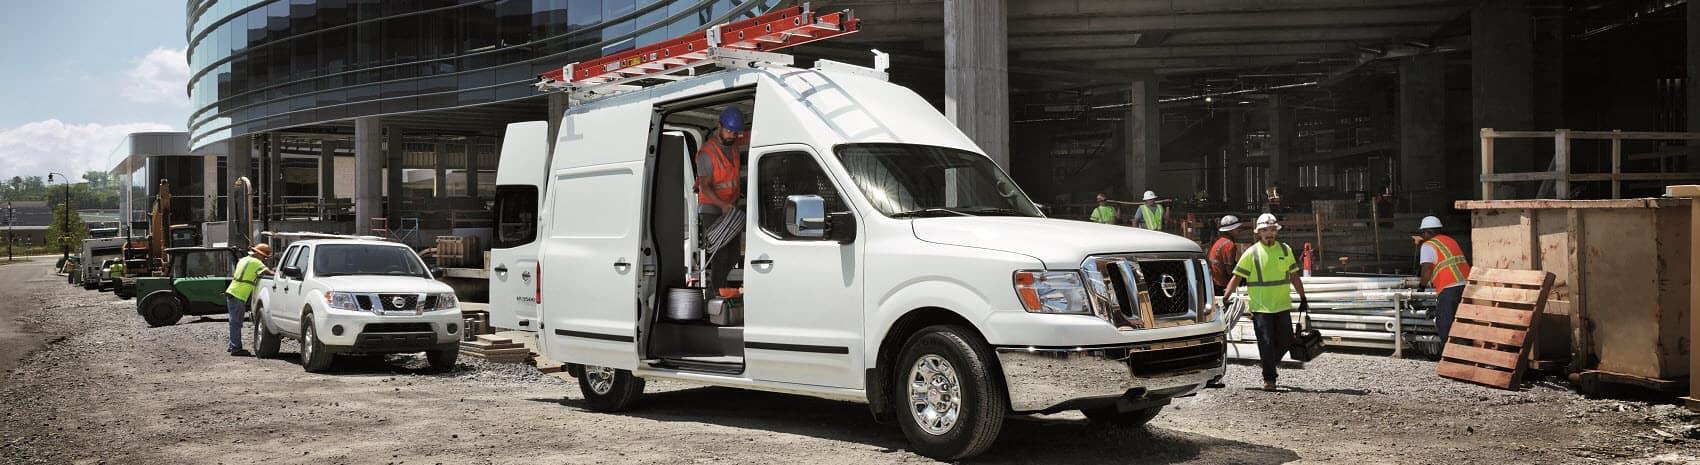 Nissan Commercial Van